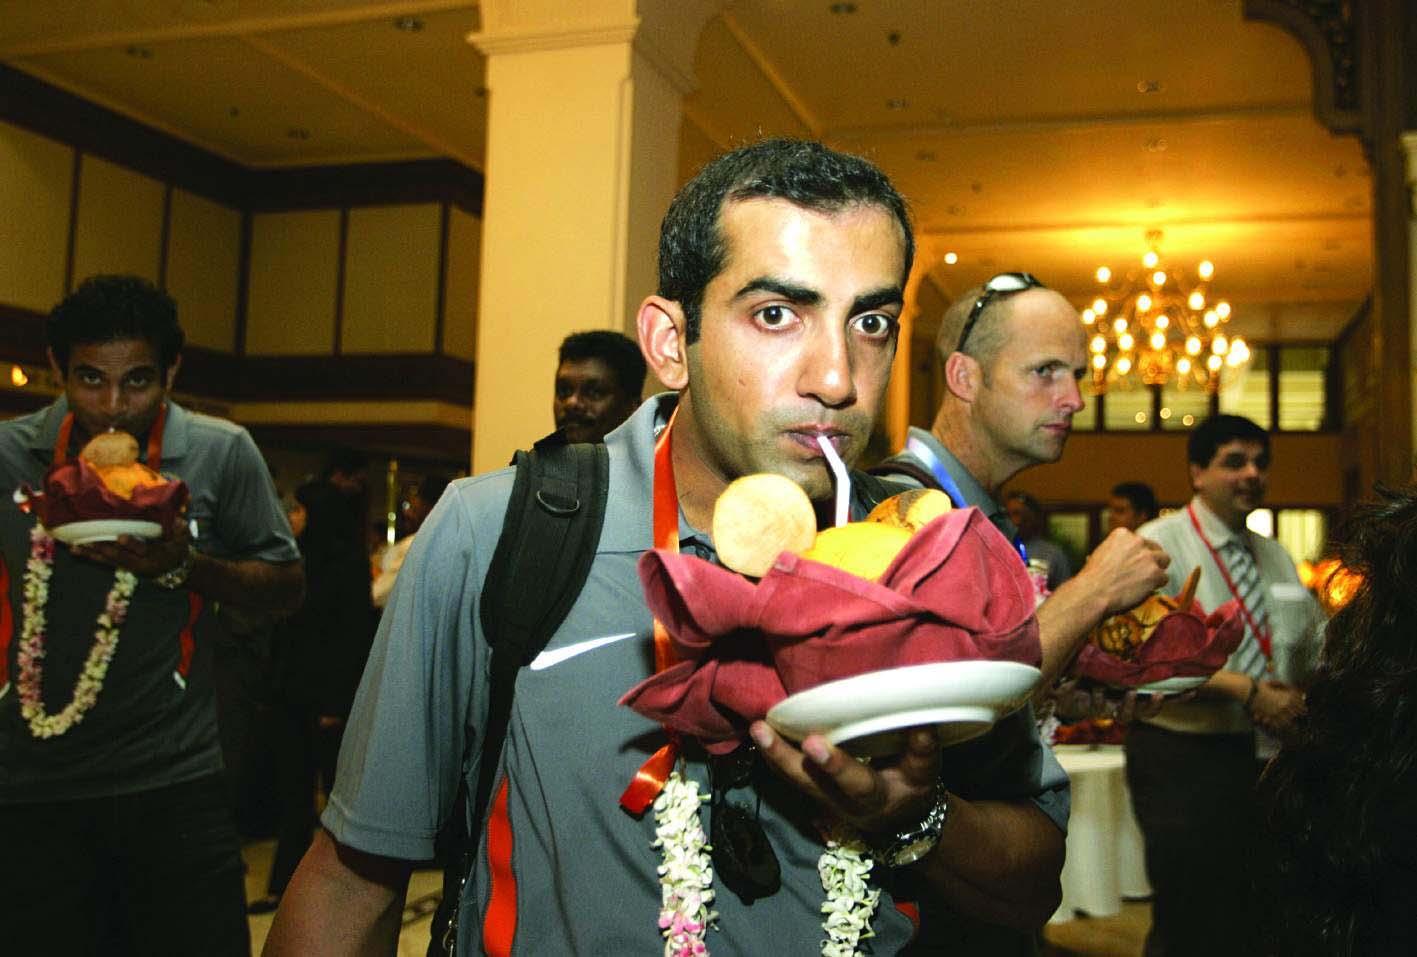 क्रिकेटर गौतम गंभीर ने अंतरराष्ट्रीय क्रिकेट से संन्यास का ऐलान कर दिया है. गंभीर पिछले दो साल से टीम इंडिया से बाहर चल रहे थे. वे आखिरी बार नेशनल टीम की ओर से 2016 में इंग्लैंड के खिलाफ टेस्ट मैच में खेले थे. उन्हें 58 टेस्ट मैच खेले और 4154 रन बनाए. इसमें नौ शतक और 22 अर्धशतक शामिल थे. इस दौरान उनकी औसत 41.95 की रही. उन्होंने 147 वनडे मैचों में भी भारत का प्रतिनिधित्व किया और 39.68 की औसत से 5238 रन बना.(Photo: AP)